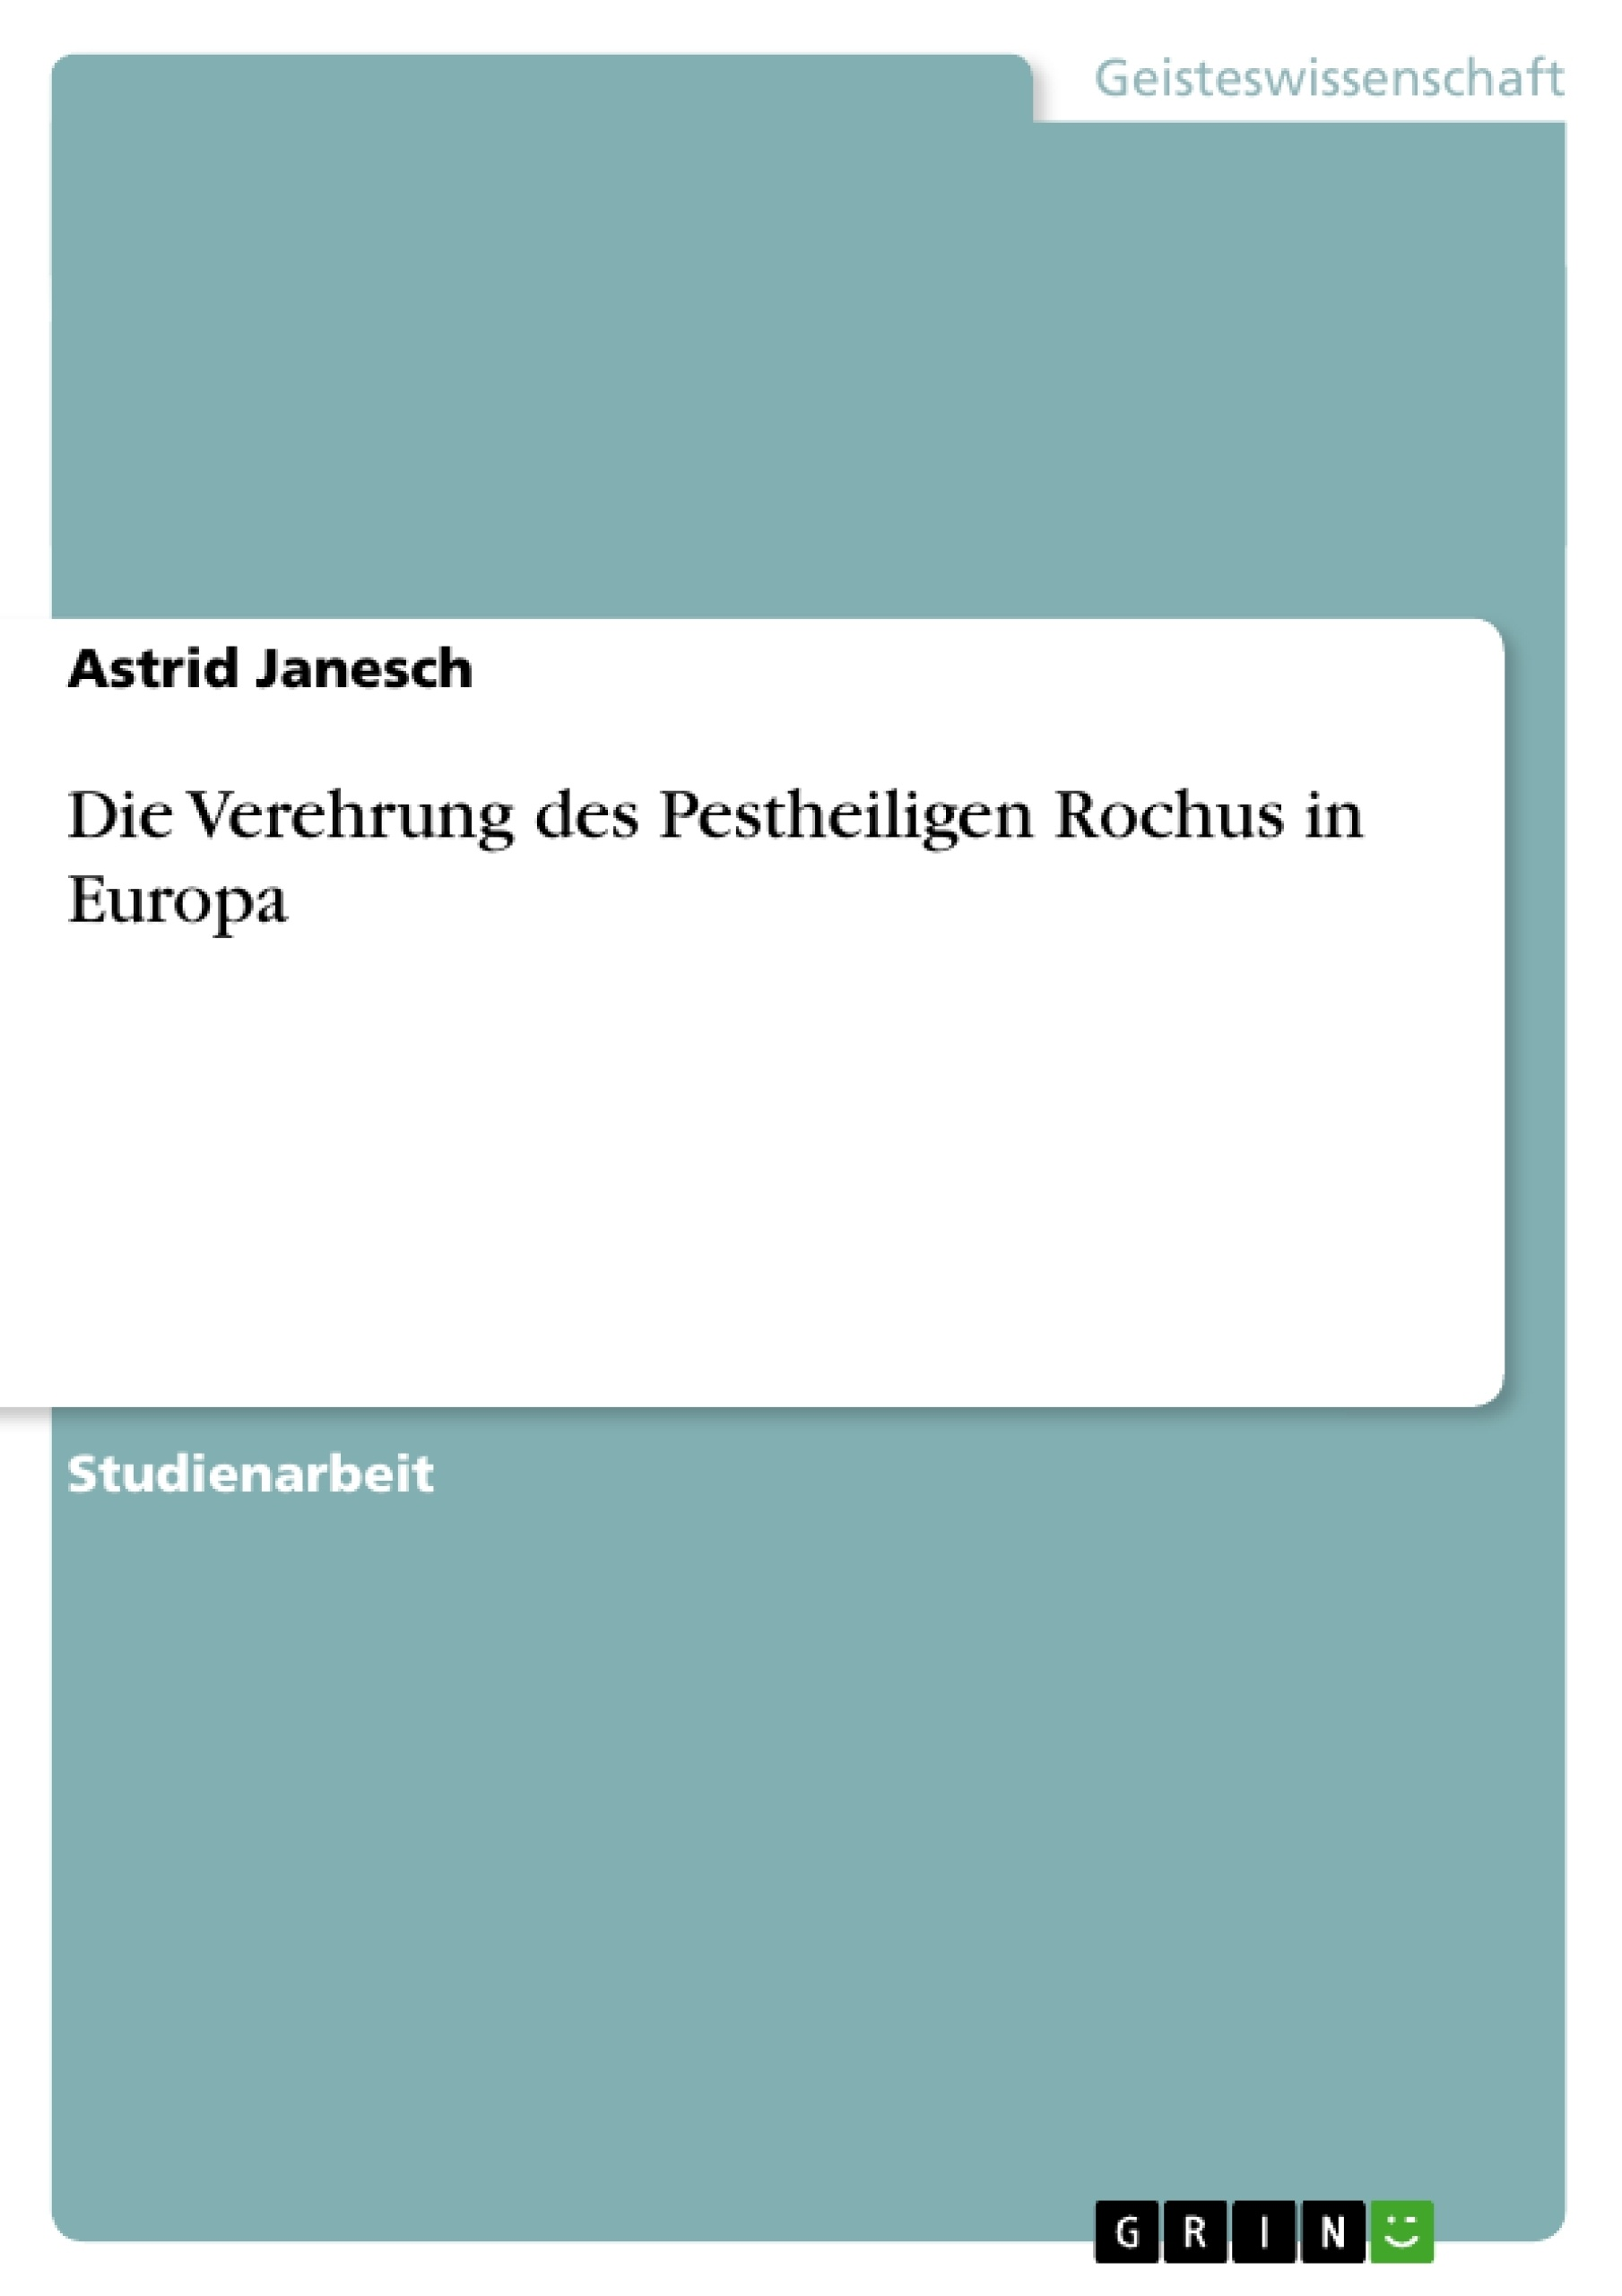 Titel: Die Verehrung des Pestheiligen Rochus in Europa